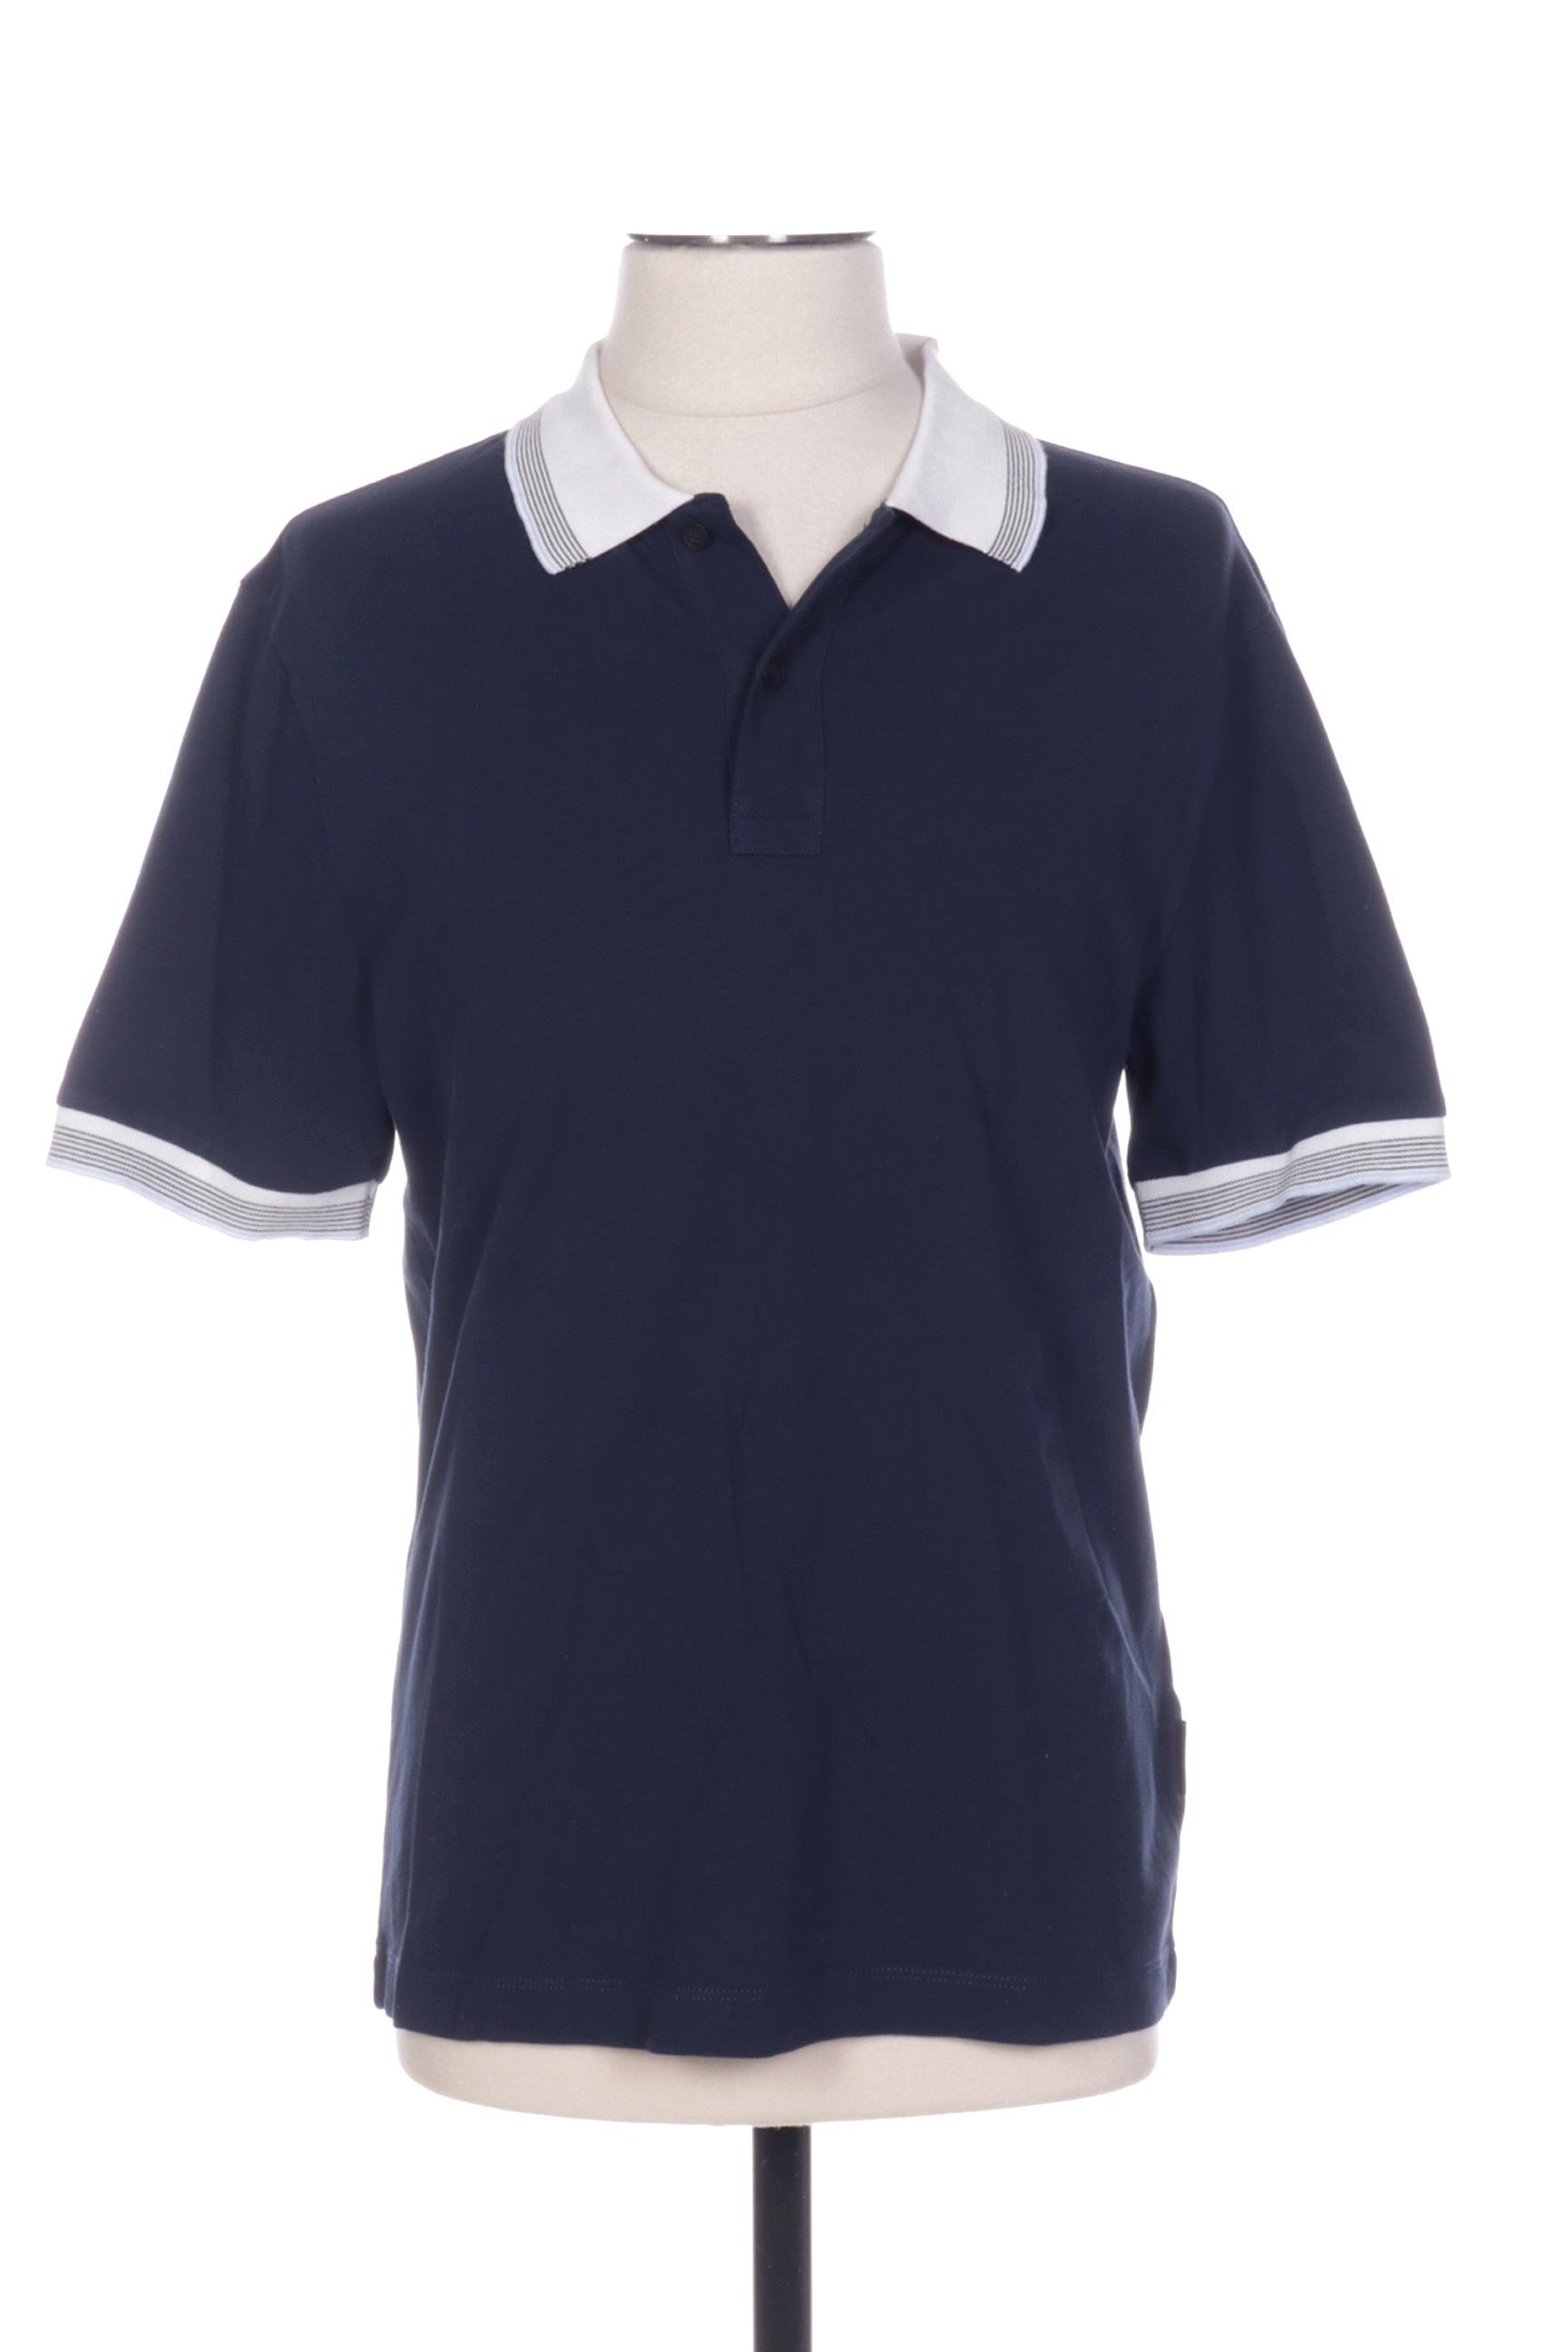 Cerruti 1881 Polos Homme De Couleur Bleu En Soldes Pas Cher 1385068-bleu00